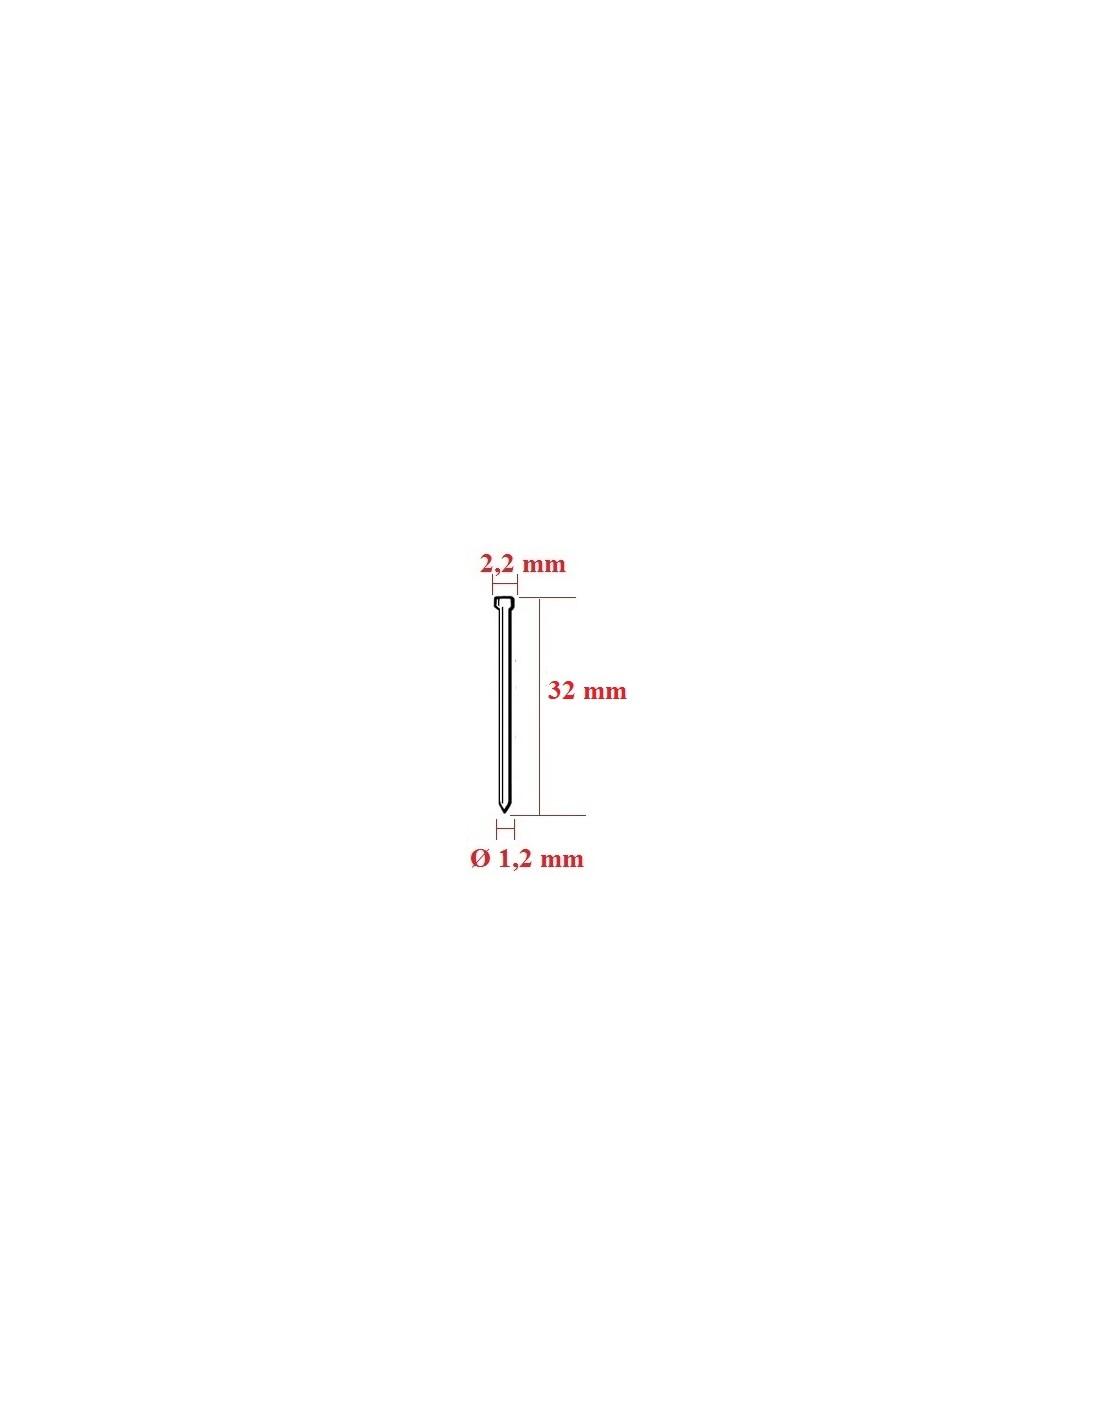 Cuie cu cap matritat tip F cu lungimea de 32 mm - dimensiuni